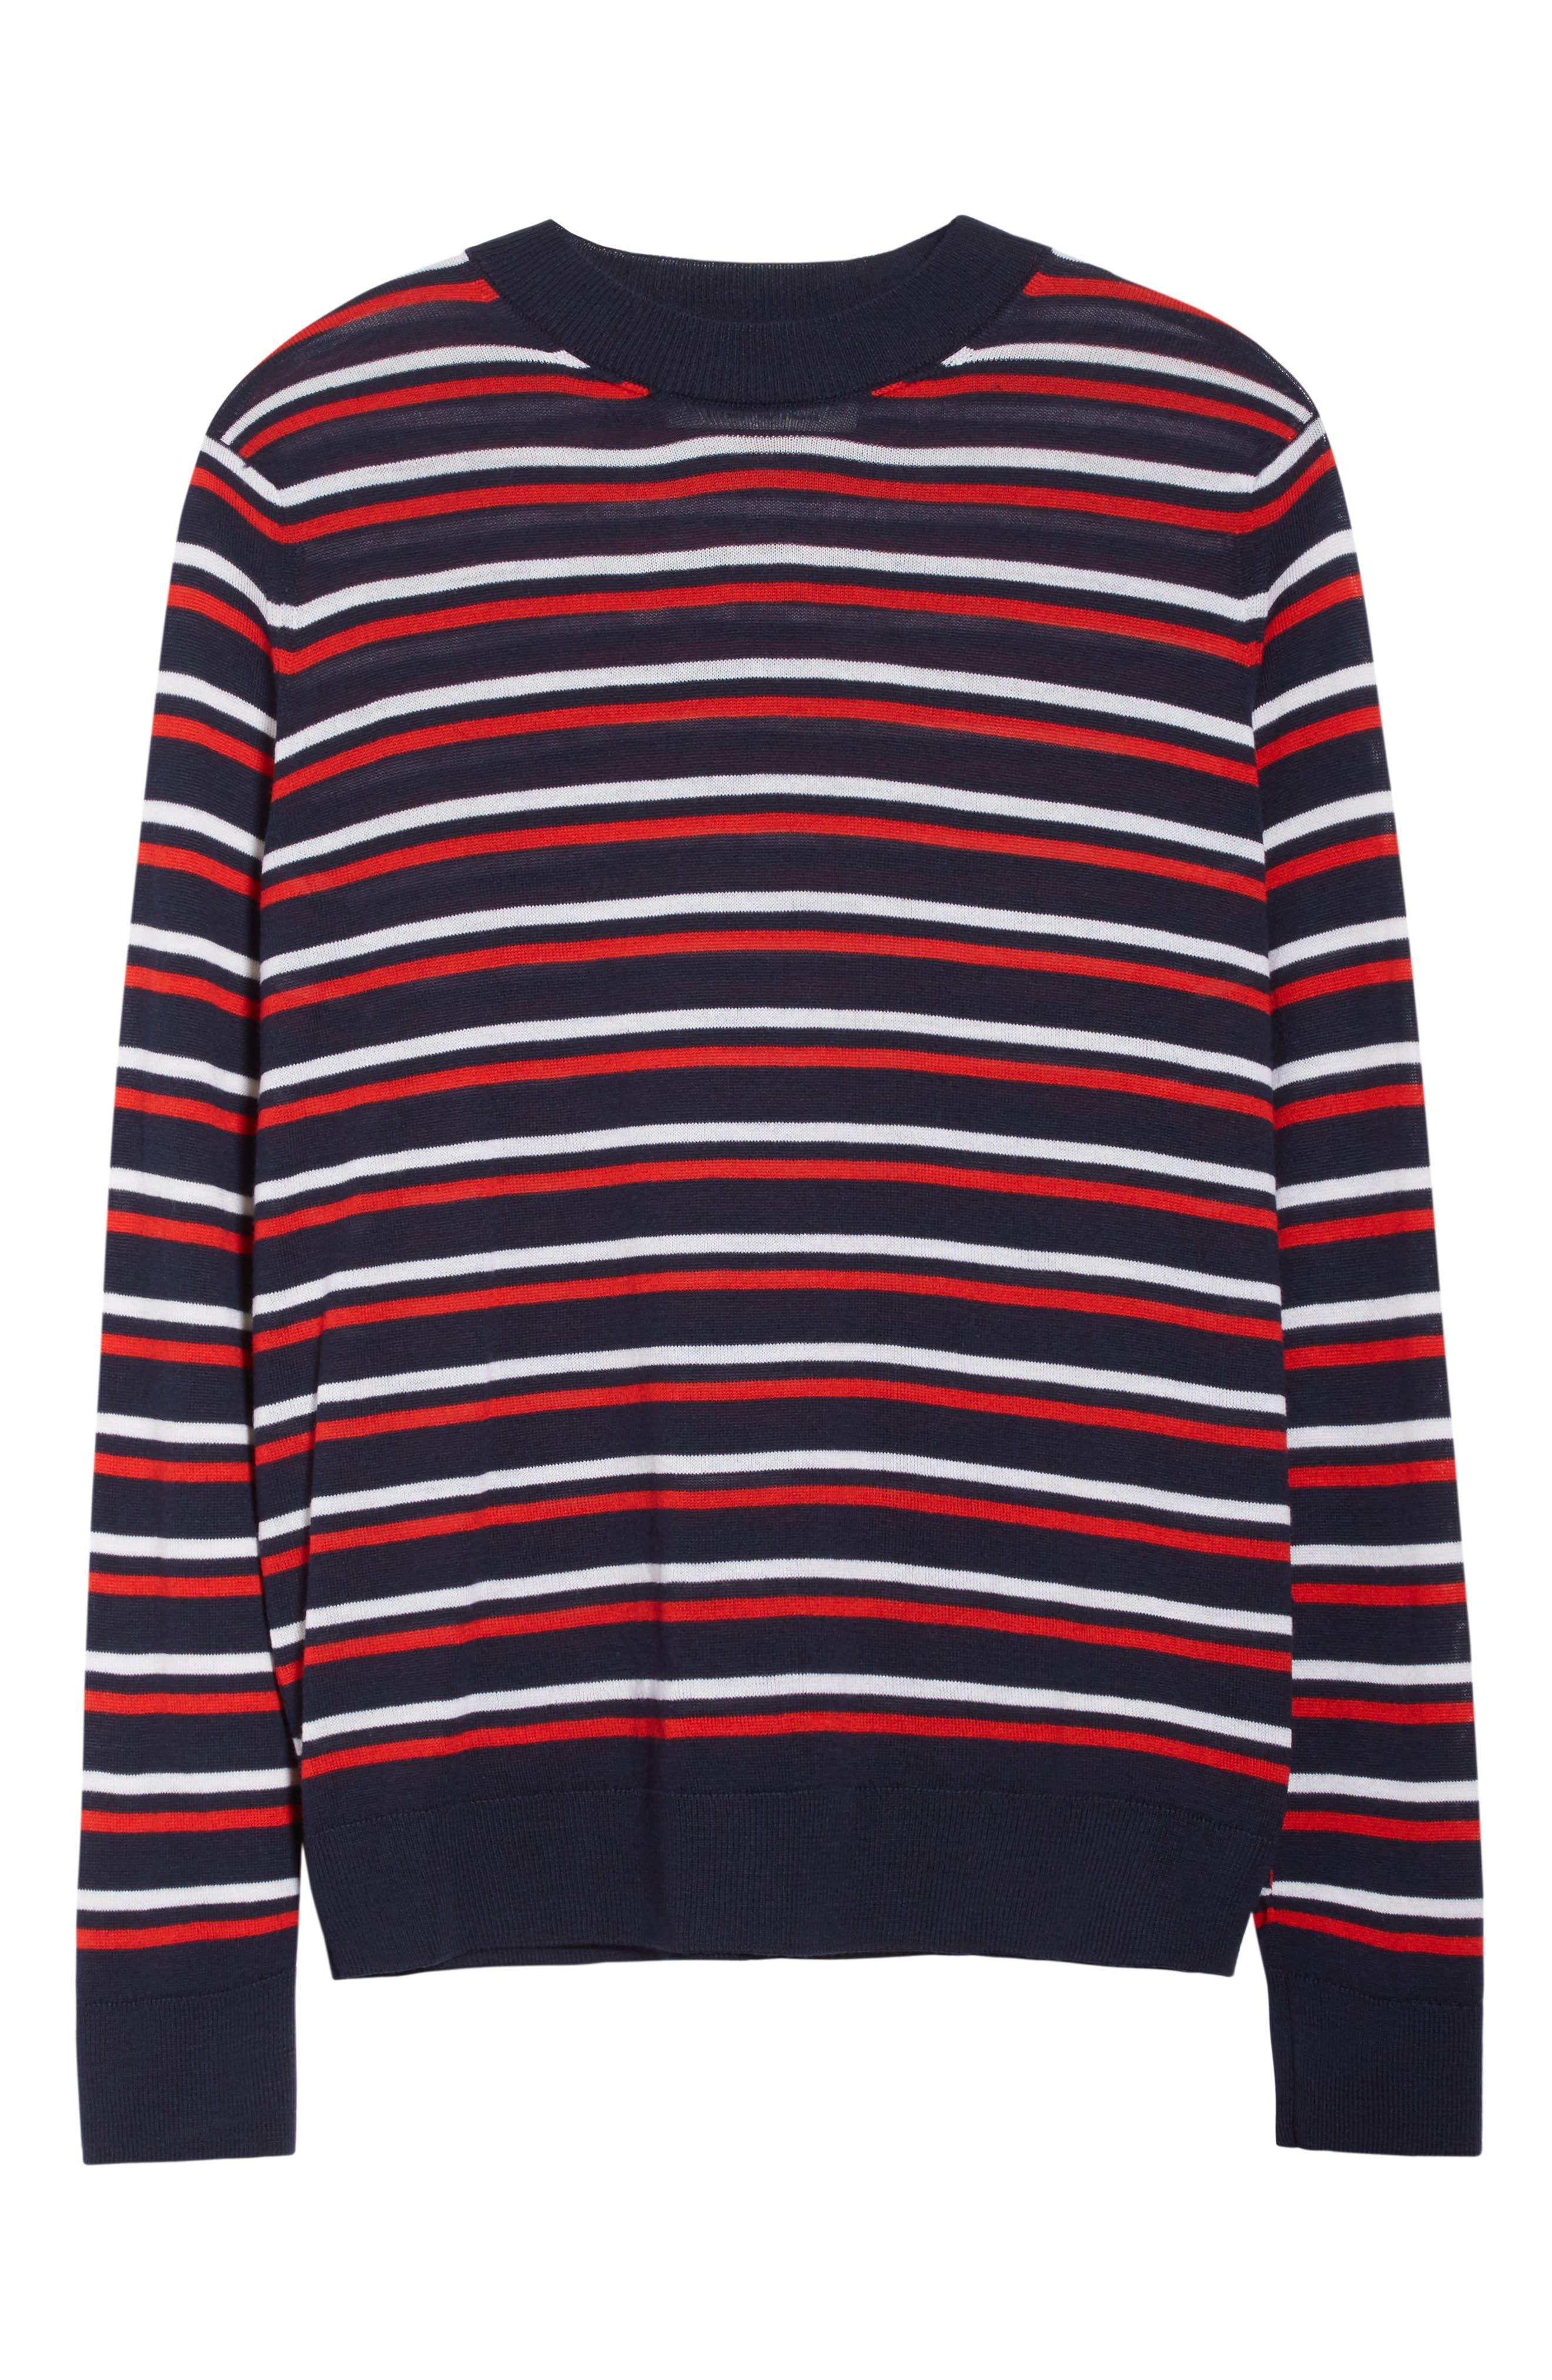 être cécile Stripe Knit Boyfriend Sweater,                             Alternate thumbnail 6, color,                             Marine Blue/ Red/ White